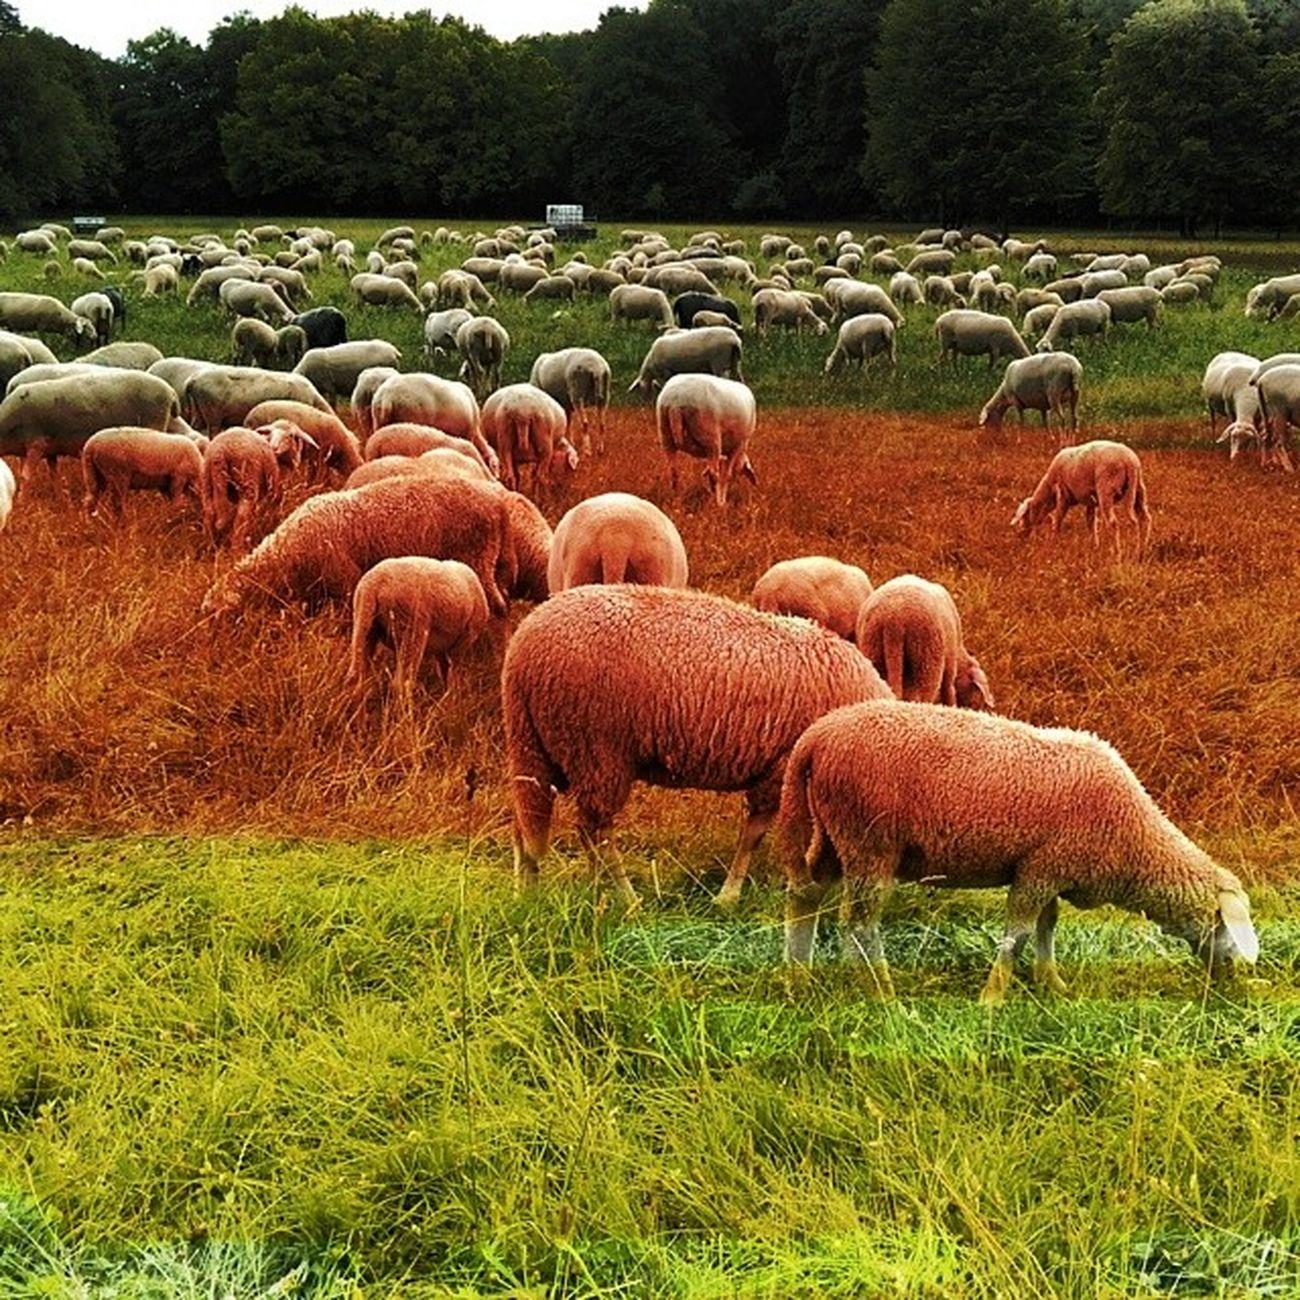 Nervös, lenke mich mit Schafe zählen ab. Ger AneurerSeite BereitWieNie GERARG WorldCup2014